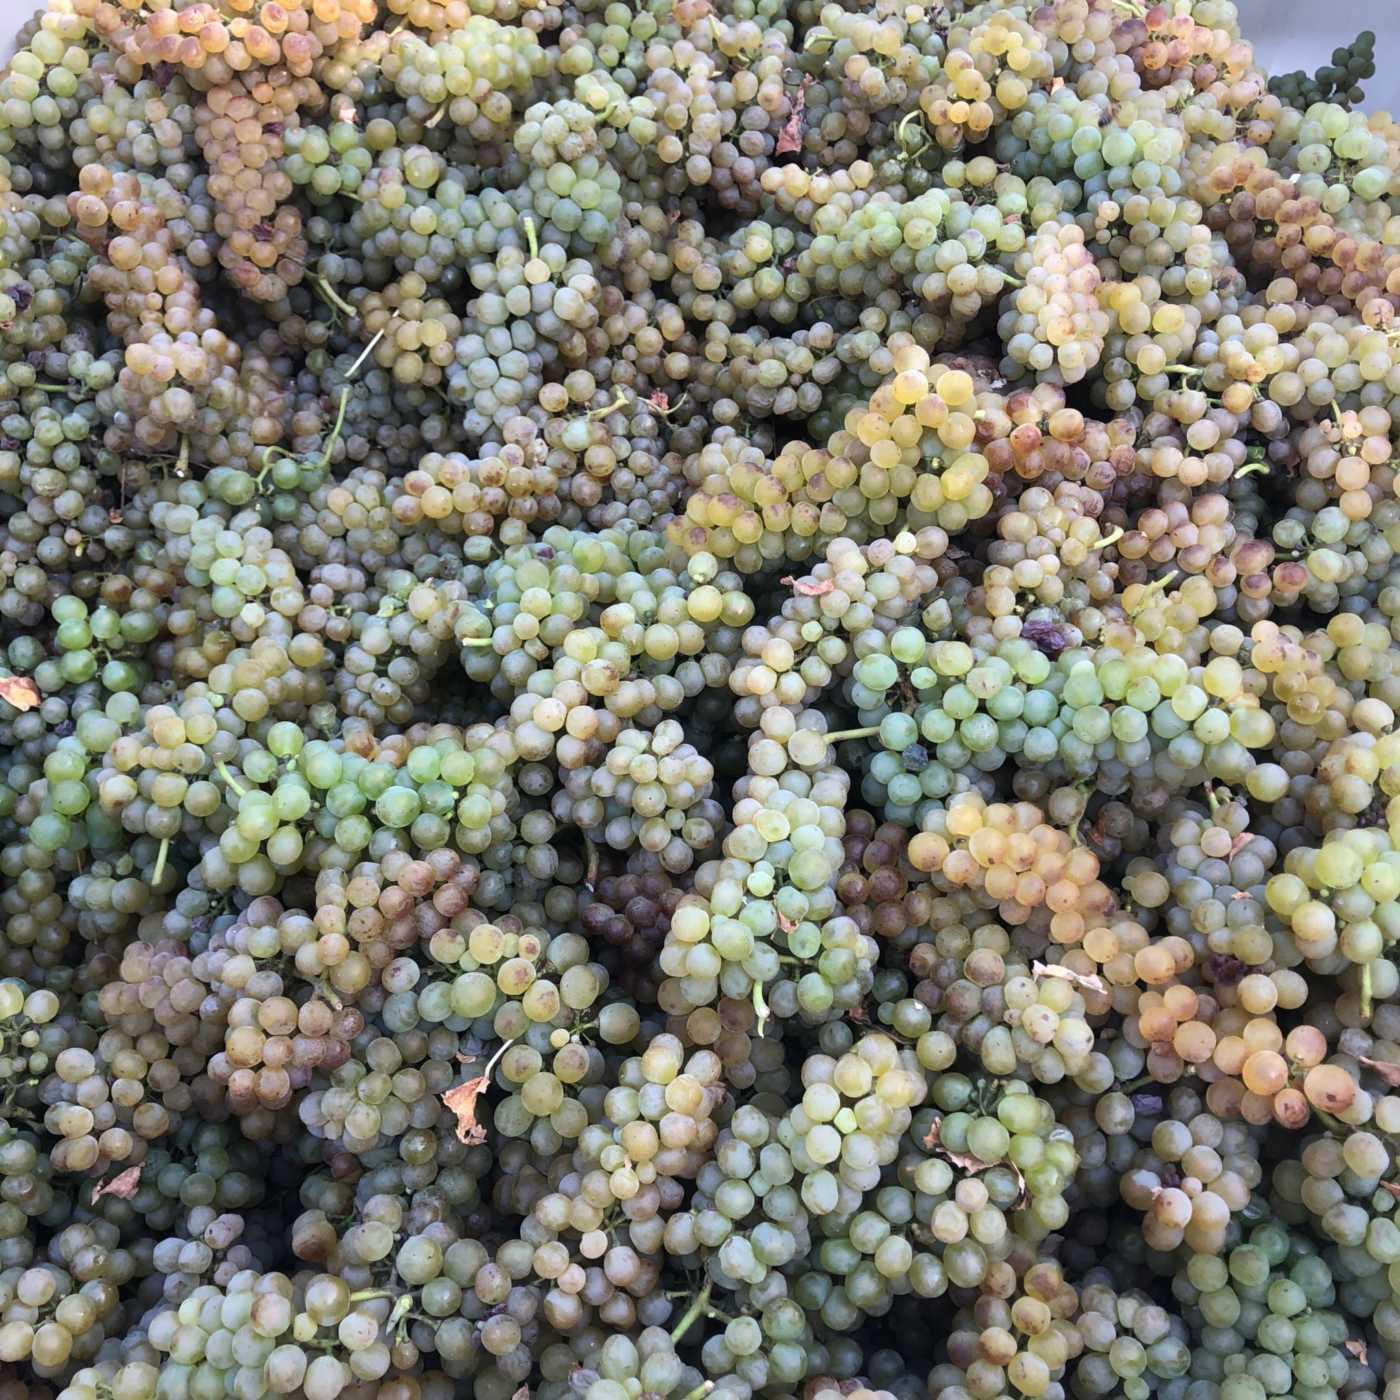 estate Roussanne grapes